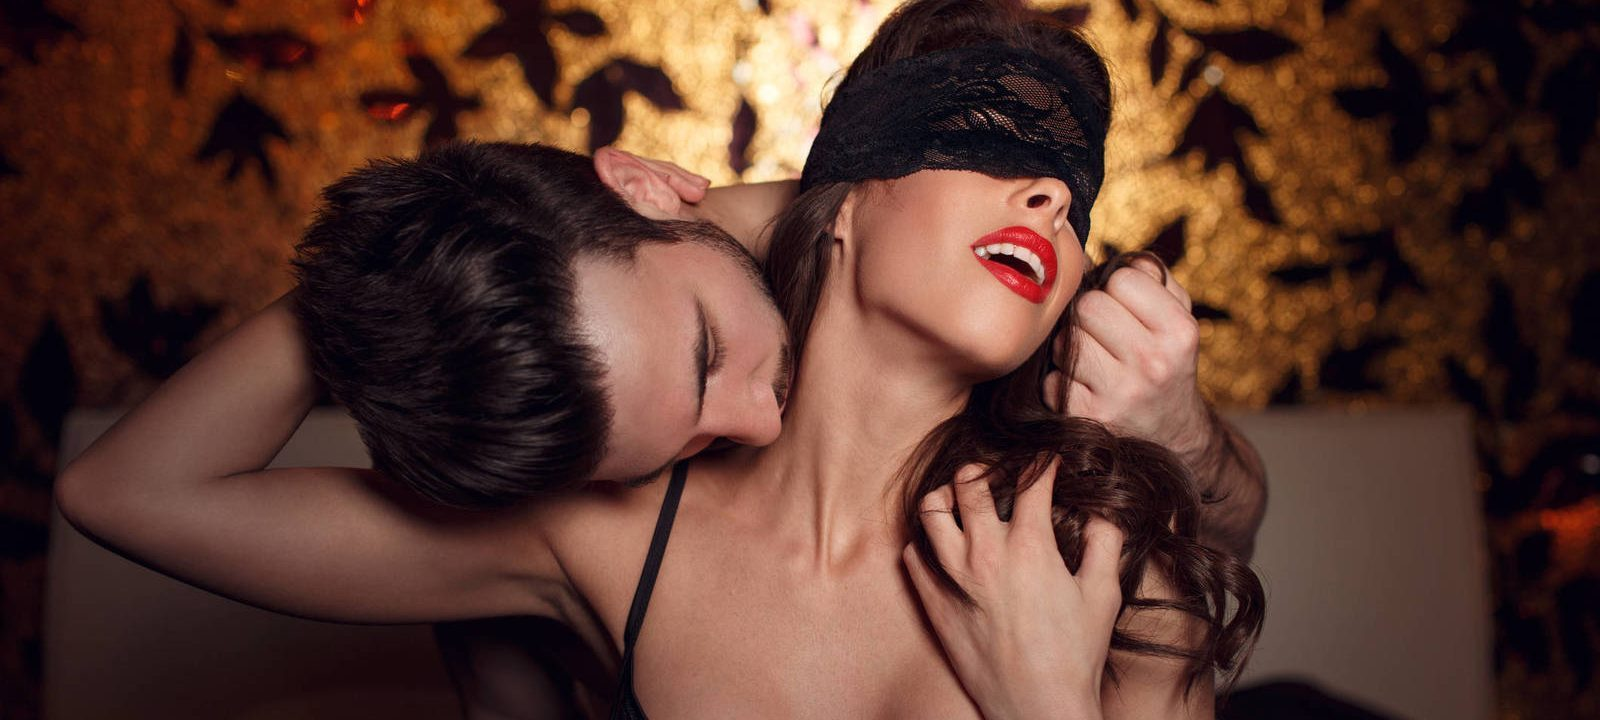 fantasía erótica